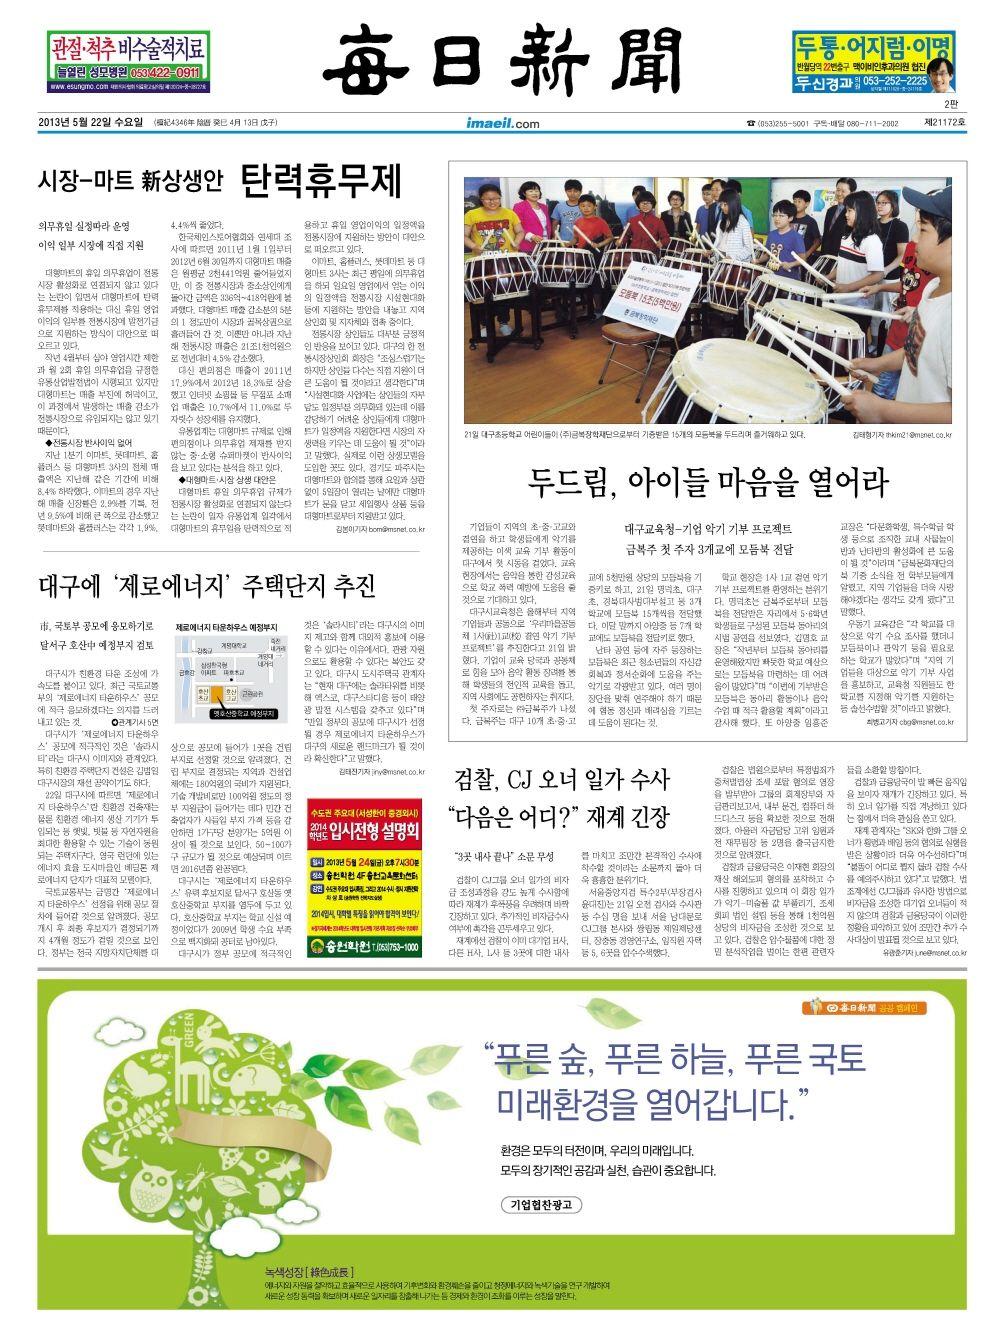 2013년 5월 22일 수요일 매일신문 1면